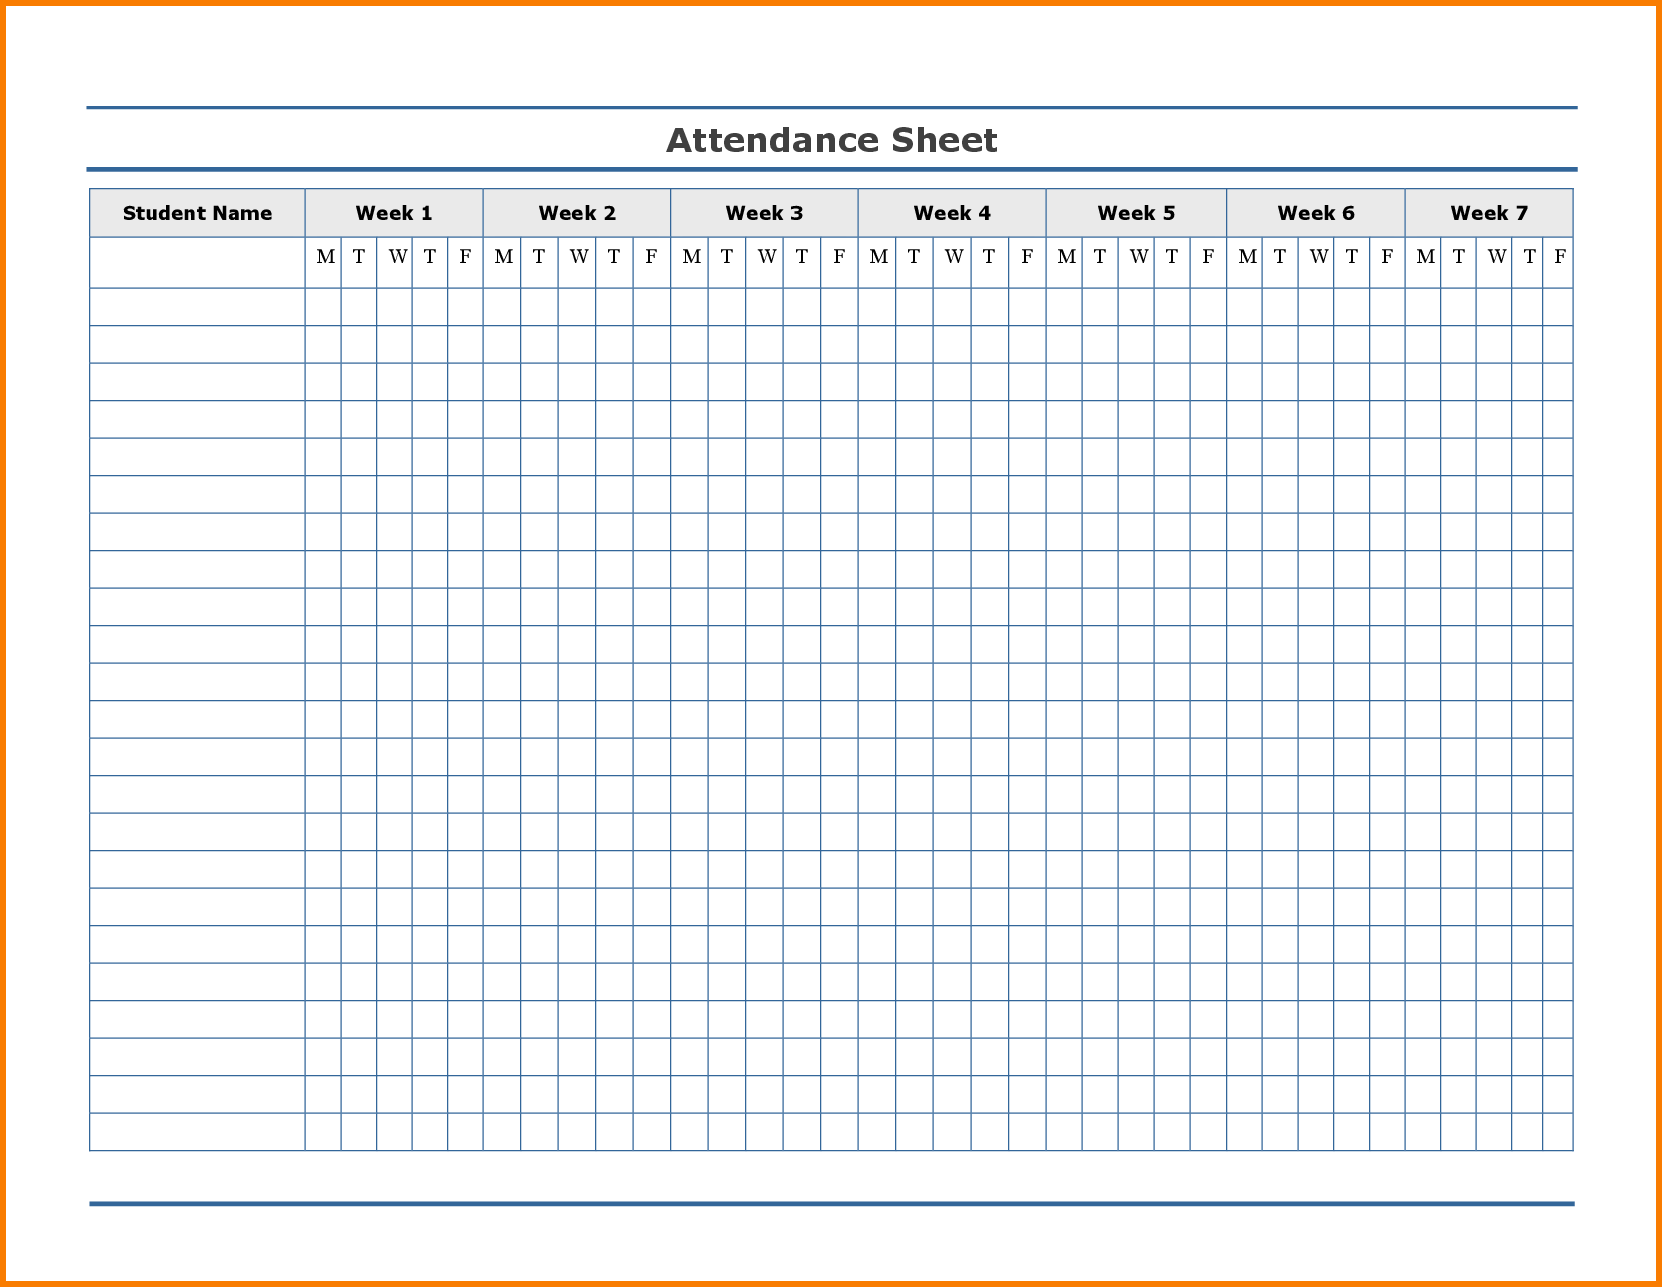 Unique Attendance Tracker Template Exceltemplate Xls Xlstemplate Xlsformat Excelformat Micros Attendance Chart Attendance Sheet Attendance Sheet Template